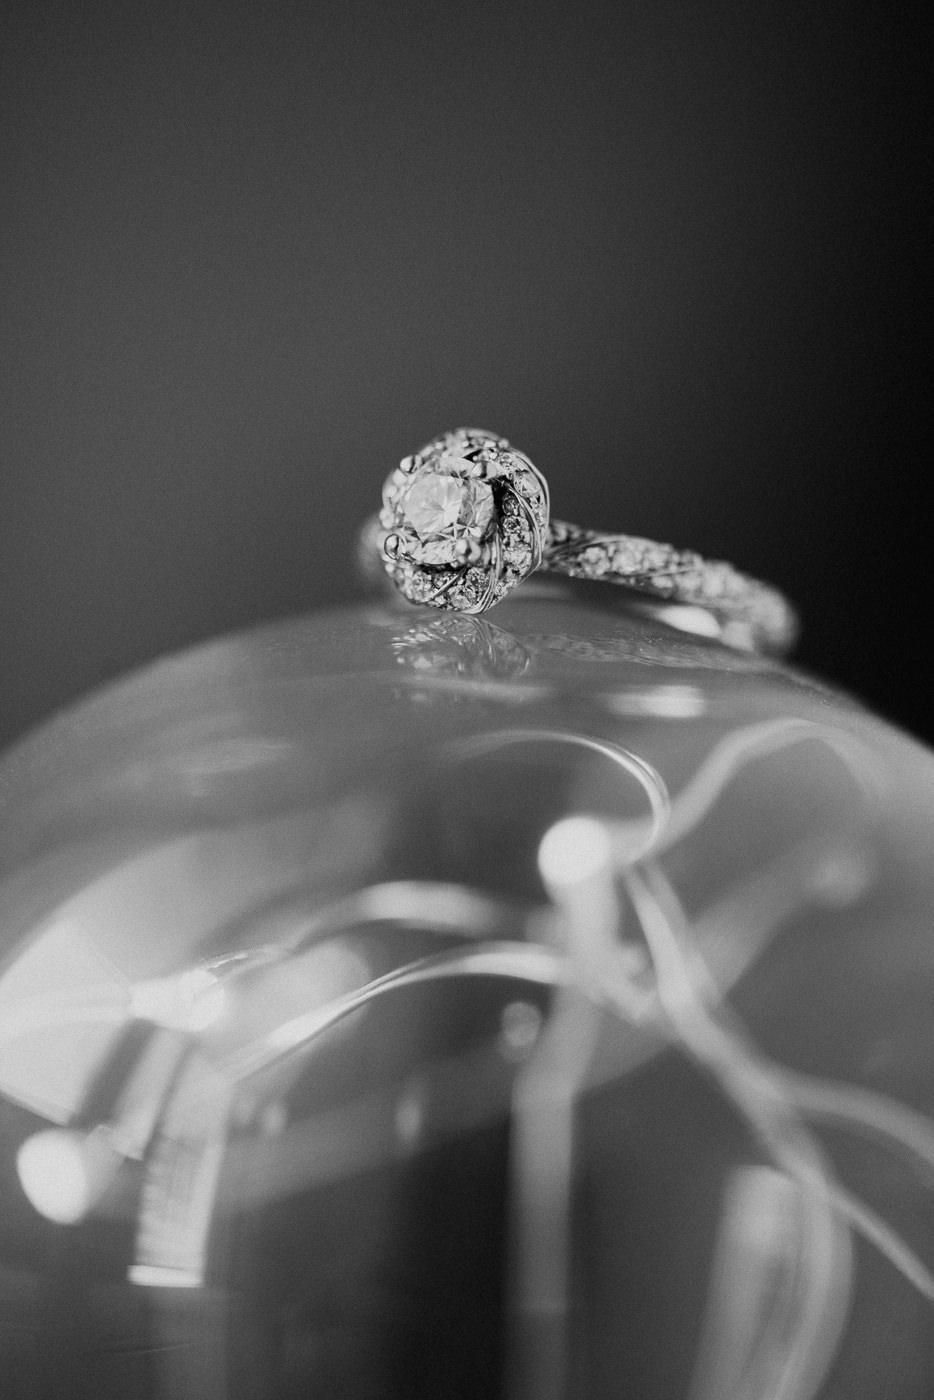 Wedding-Ring-Detail-Photos-6.jpg